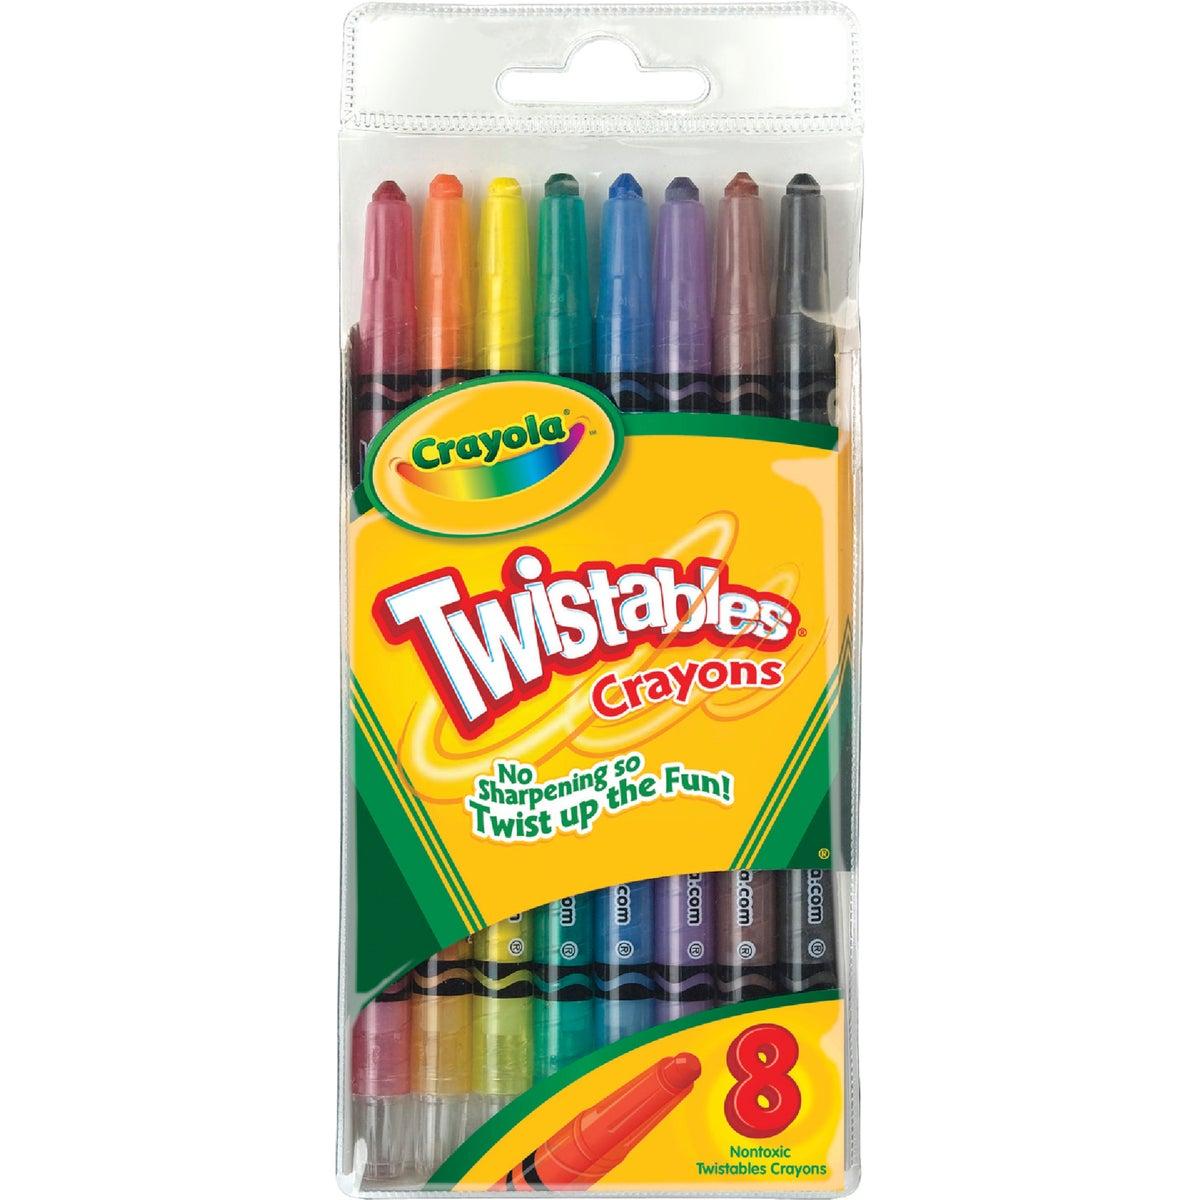 8PK TWIST CRAYON - 52-7408 by Crayola L L C